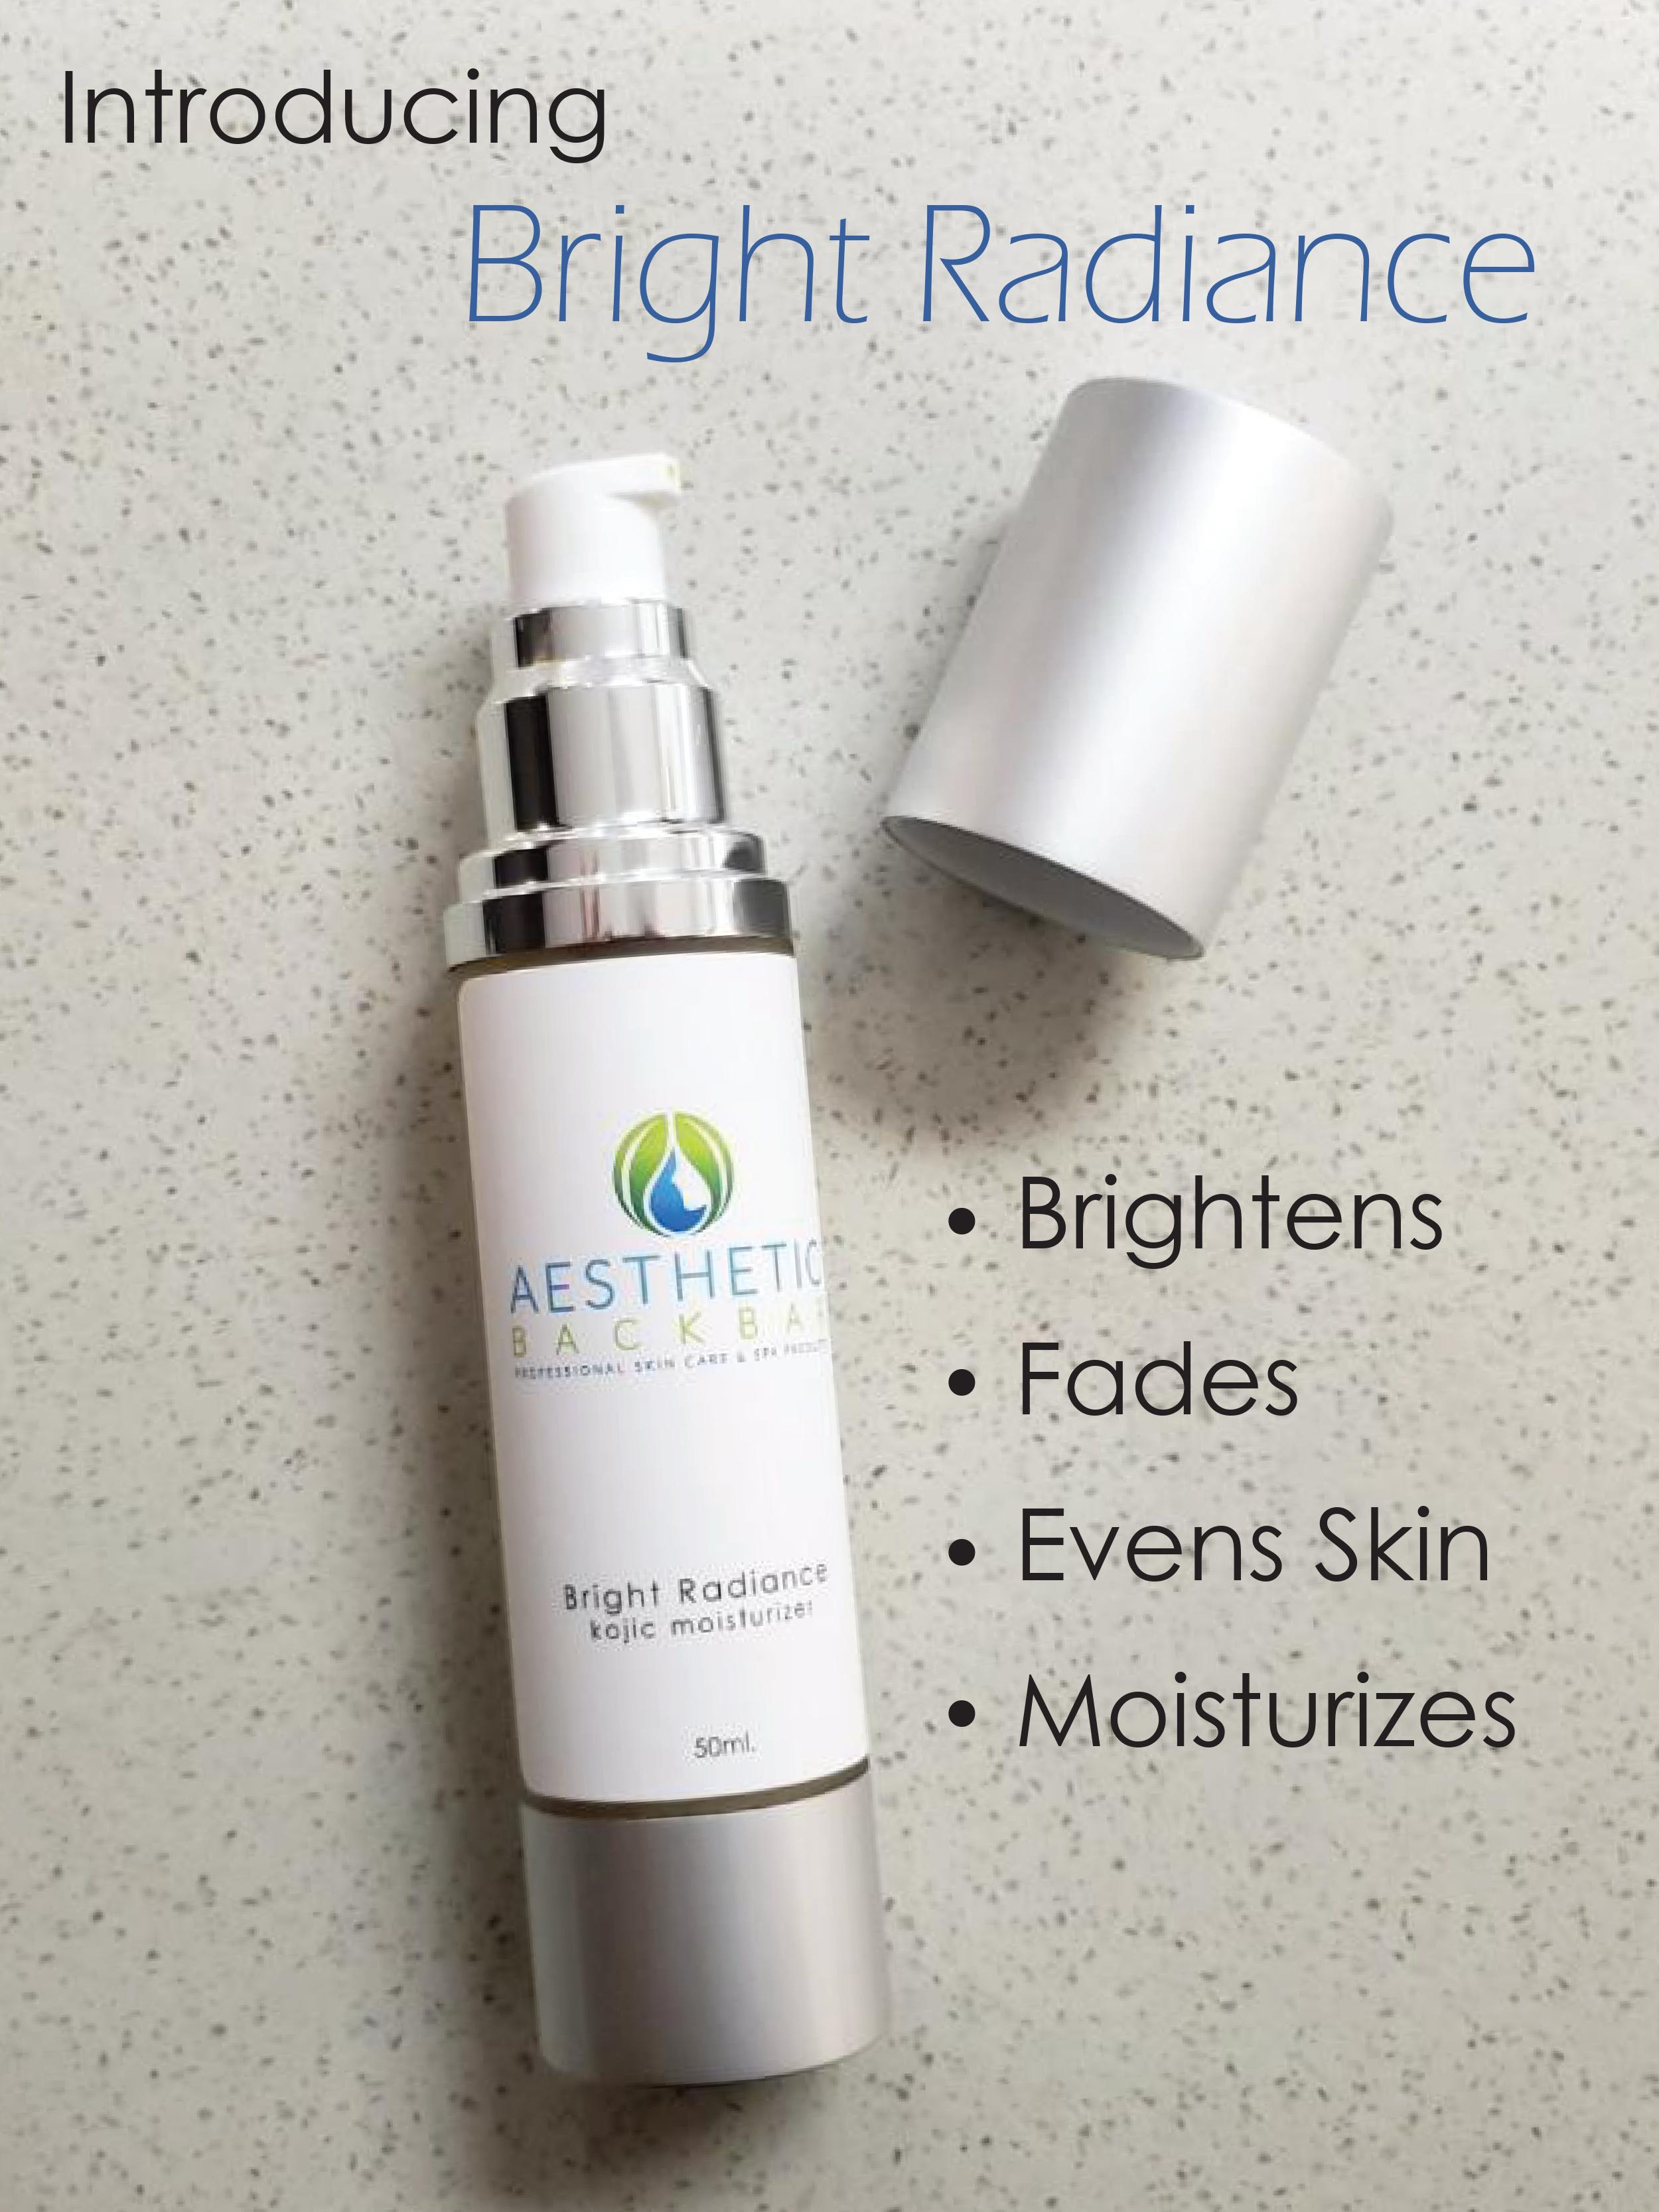 professional brightening cream for aestheticians